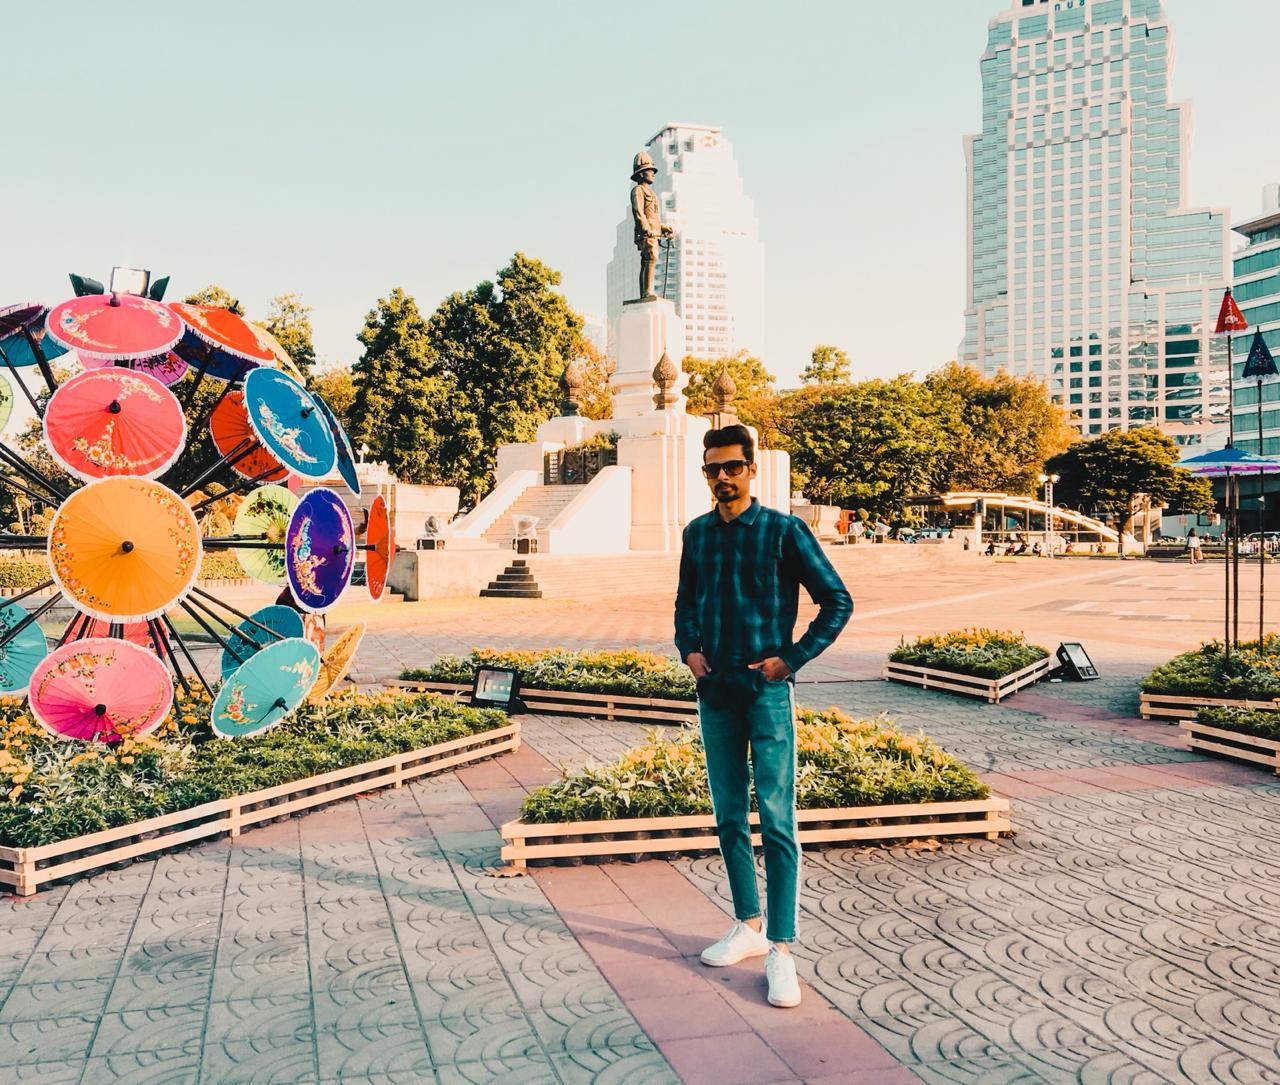 Bangkok 3 Days Itinerary